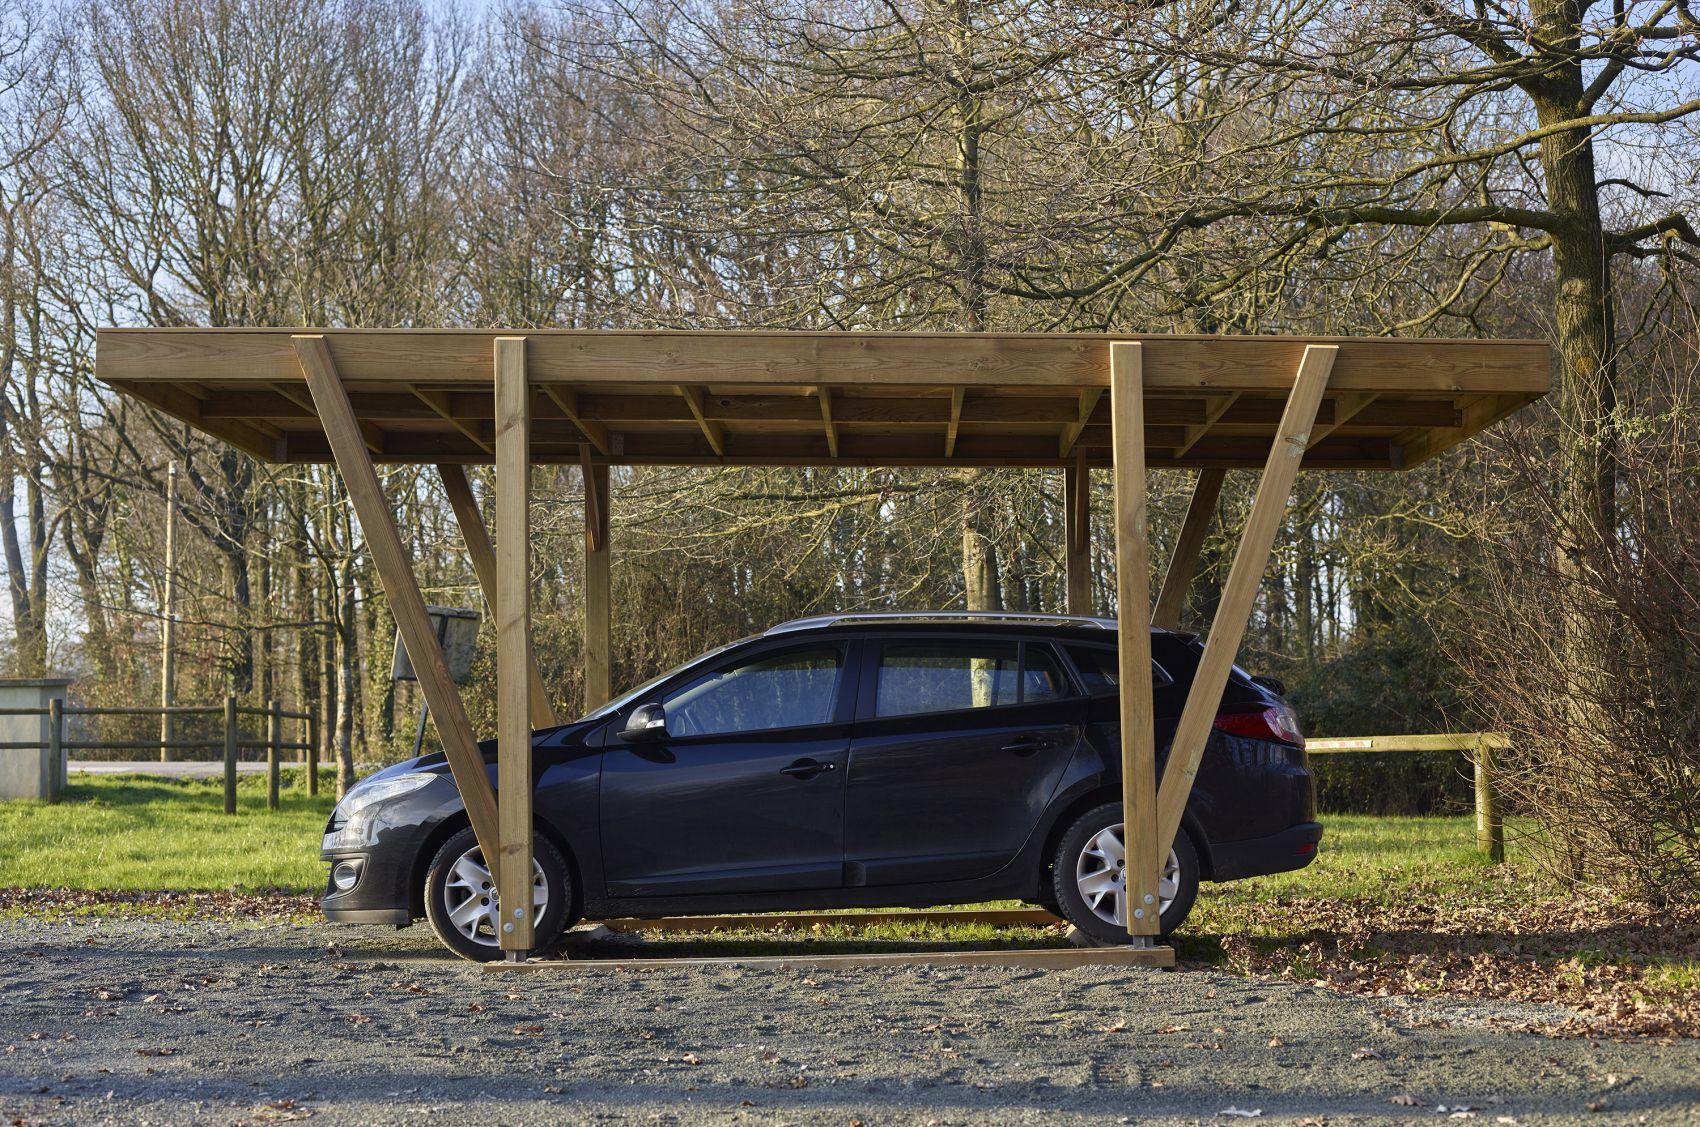 Carport en bois pour voitures Carport bois, Voiture en